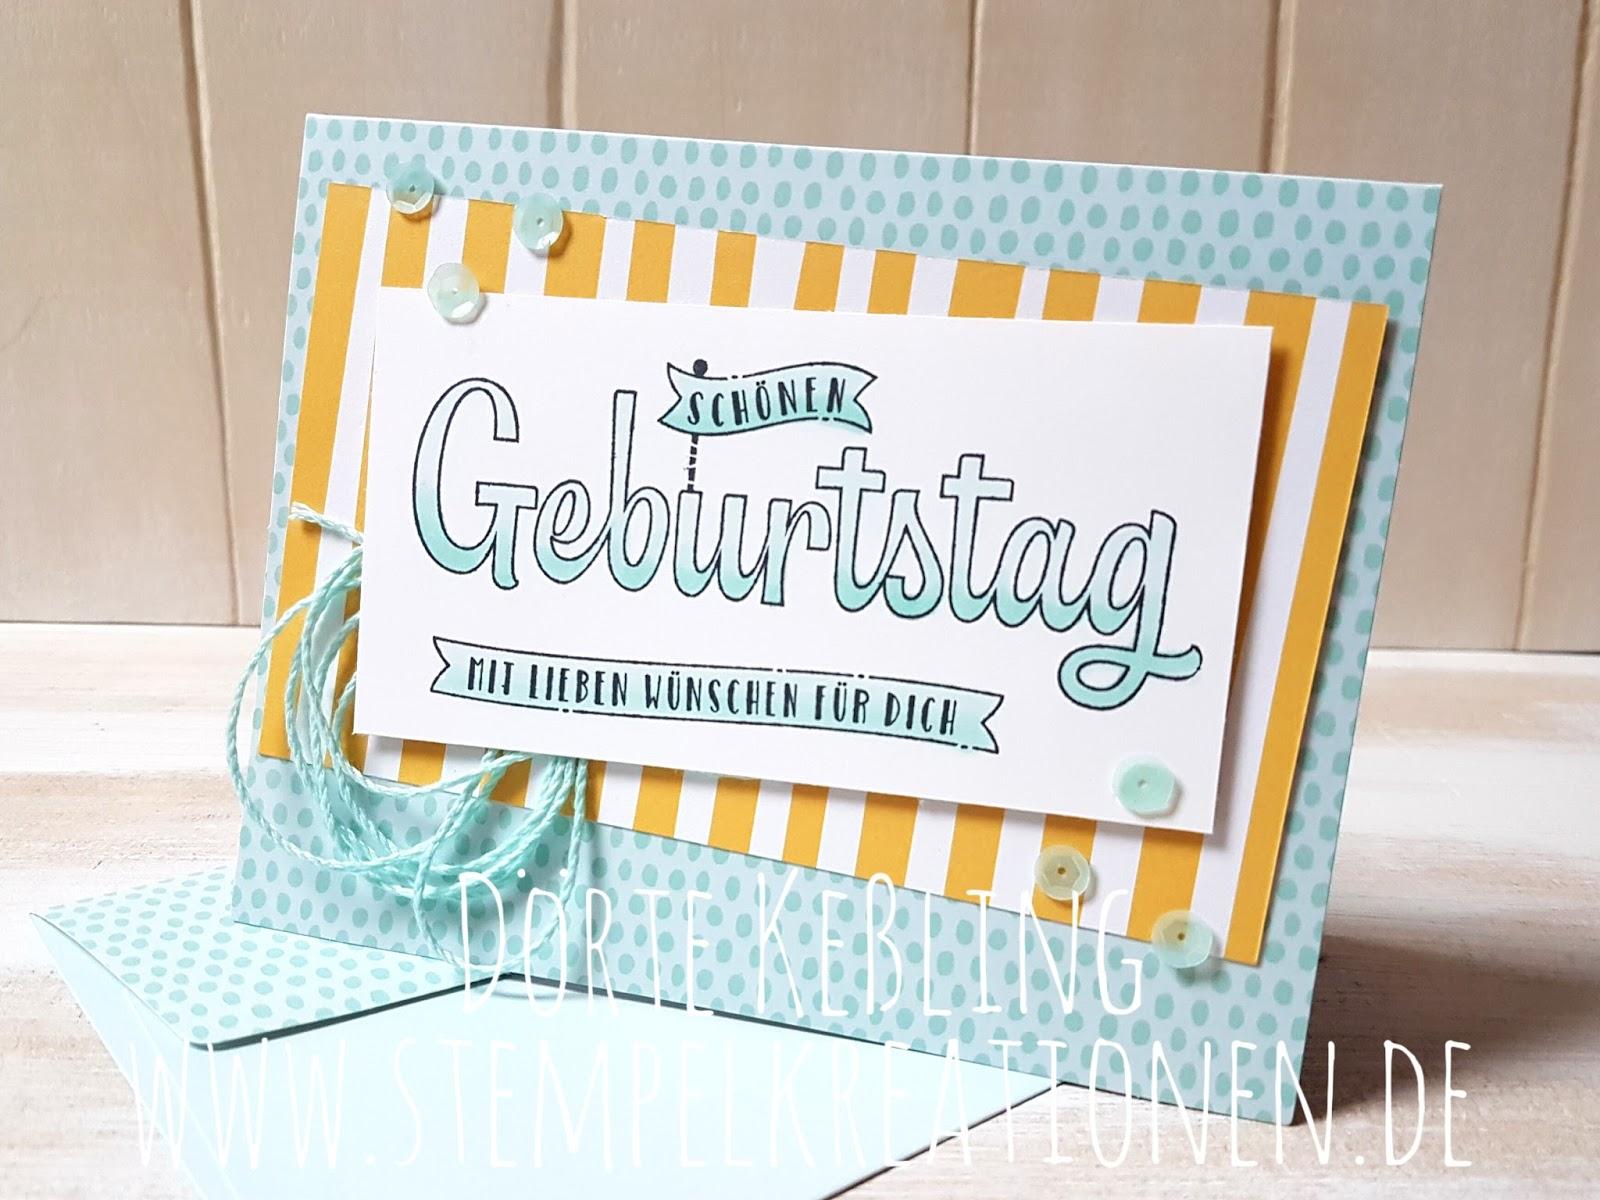 Geburtstagskarte Basteln Frau.Geburtstagswunsche Karte Basteln Spruch Geburtstag